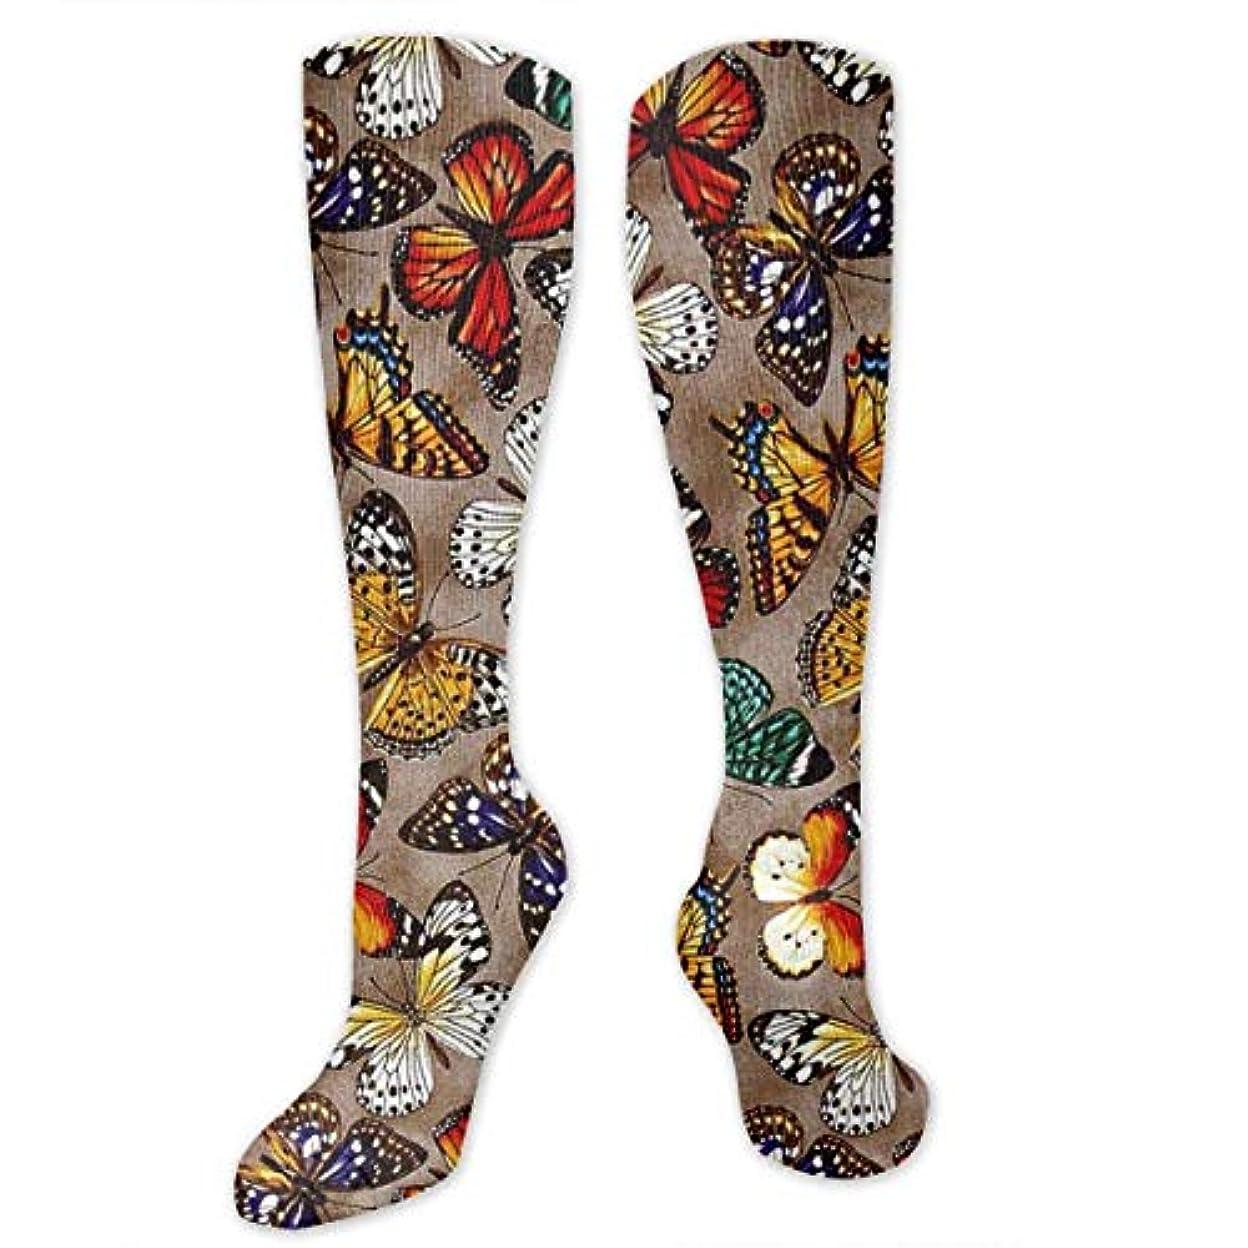 実用的エジプトおとなしい靴下,ストッキング,野生のジョーカー,実際,秋の本質,冬必須,サマーウェア&RBXAA Brown Flying Butterfly Socks Women's Winter Cotton Long Tube Socks...